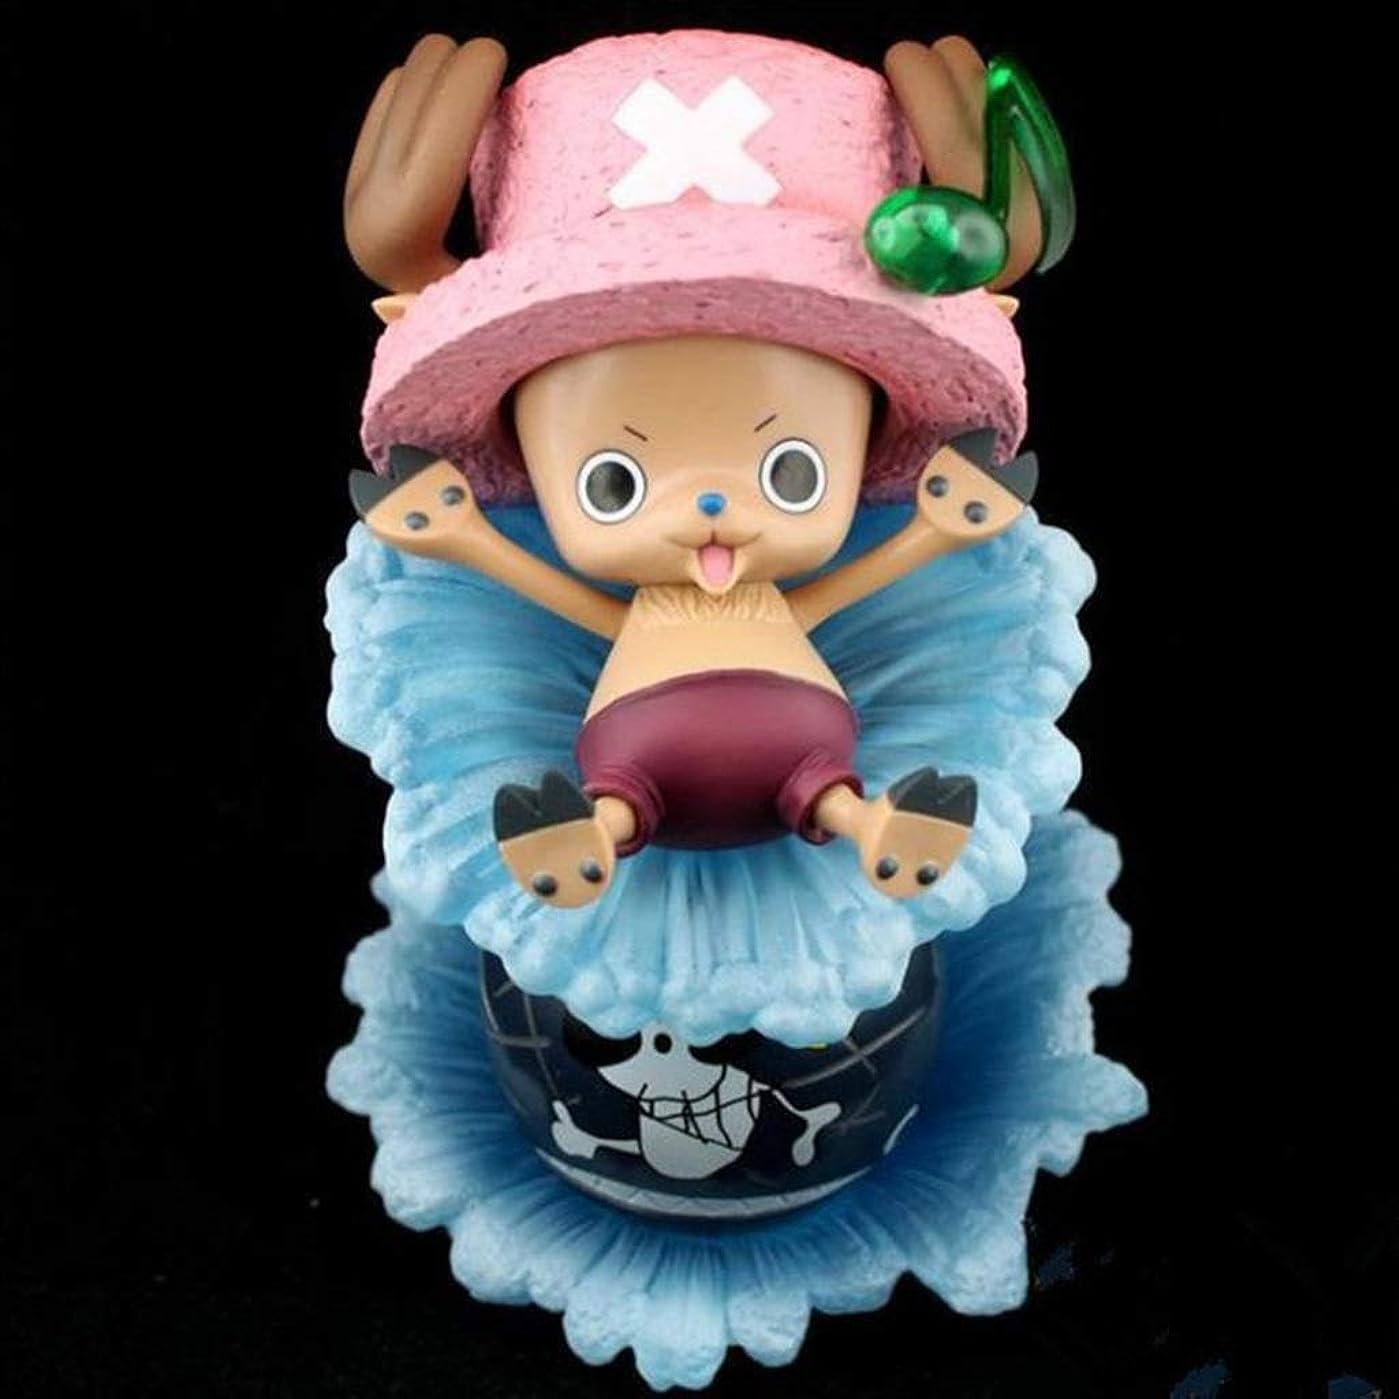 魅了するフィードオン一元化するSGチョバ、アニメワンピースモデル、子供のおもちゃコレクション像、卓上装飾玩具像玩具モデルPVC(16cm) SHWSM